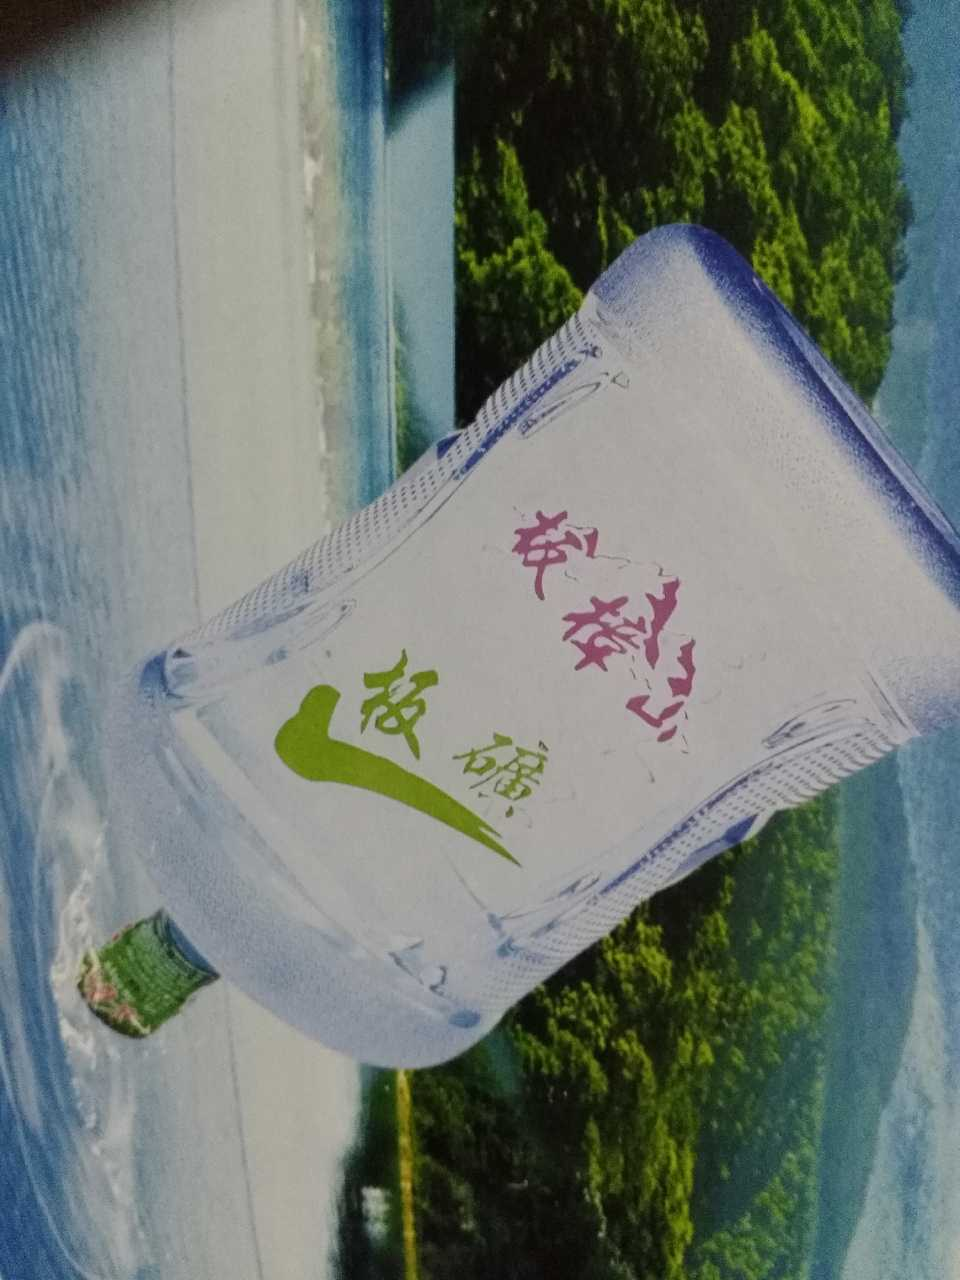 来自王海秋发布的供应信息:珠海板樟山饮用水,品种多,总有一泉适合你... - 珠海市板樟山饮用水有限公司